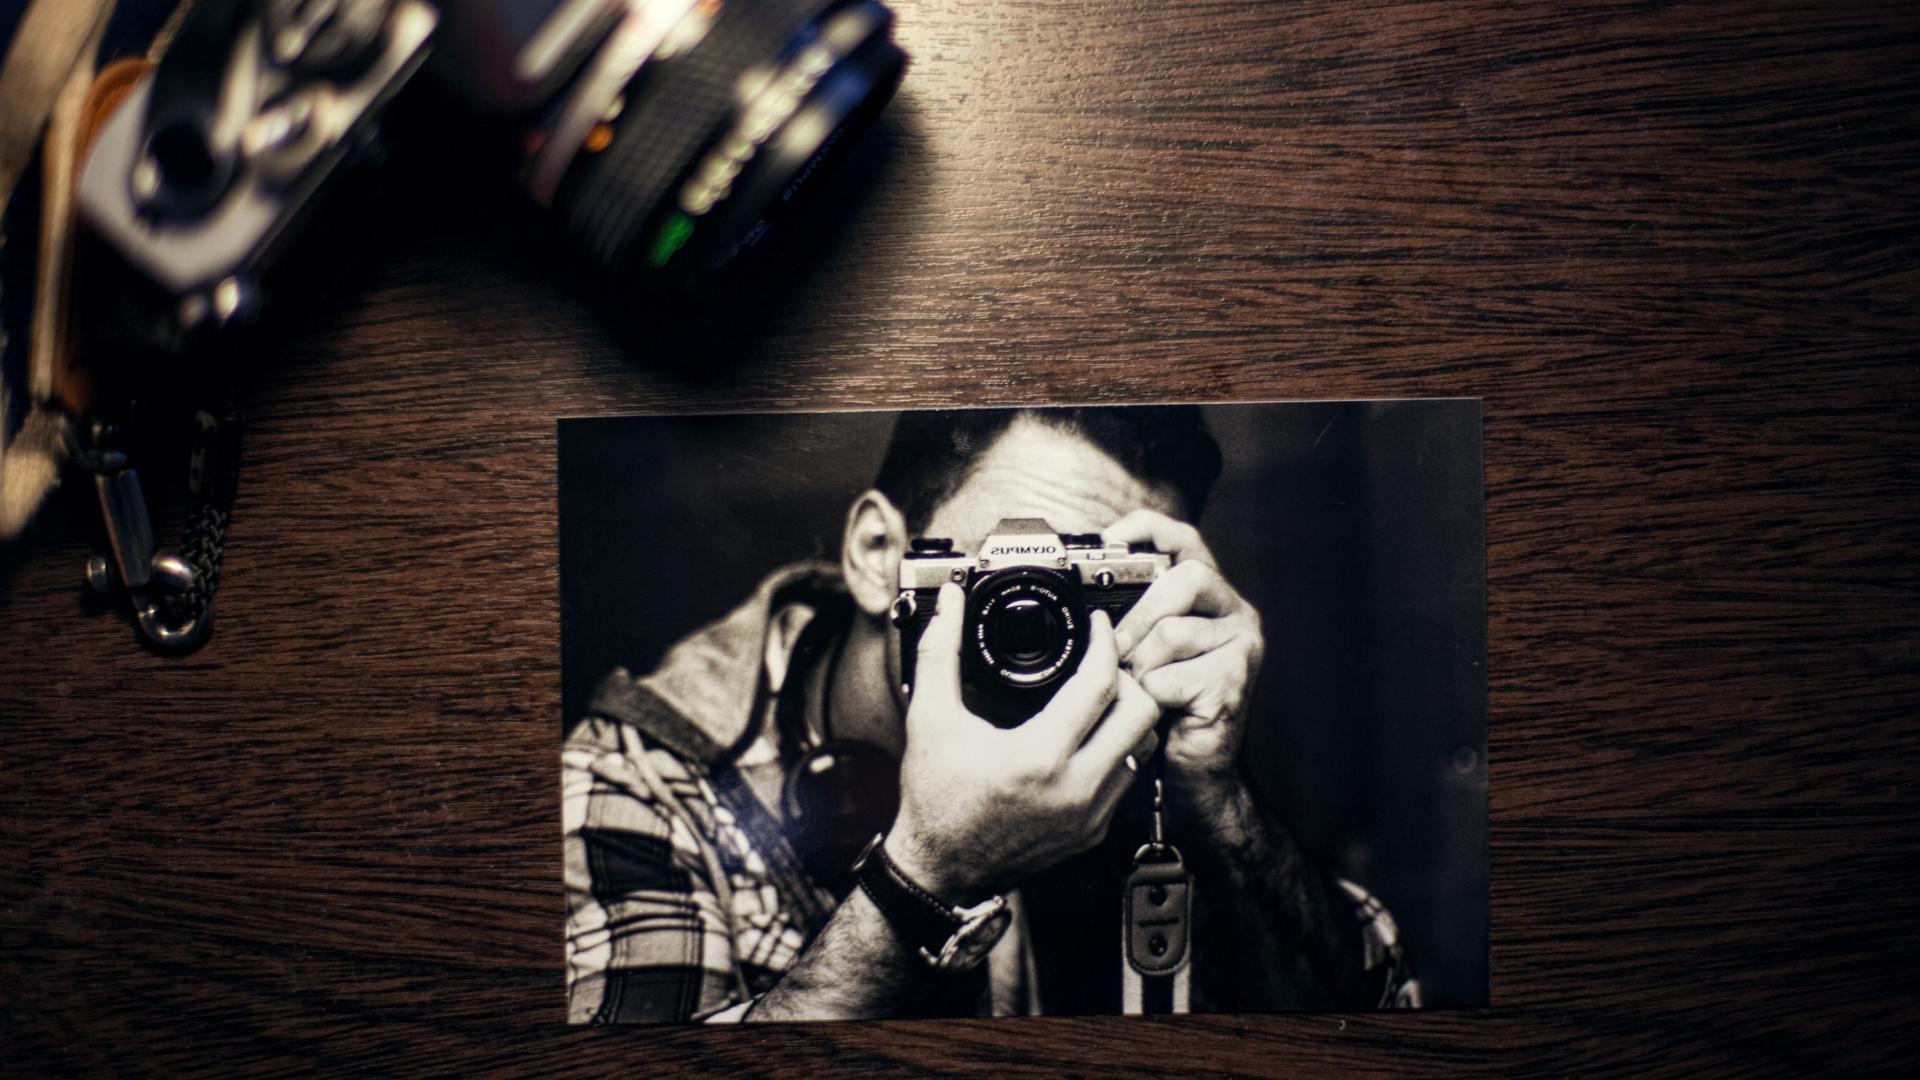 Photoshop, ¿cómo y por qué los fotógrafos lo usan?